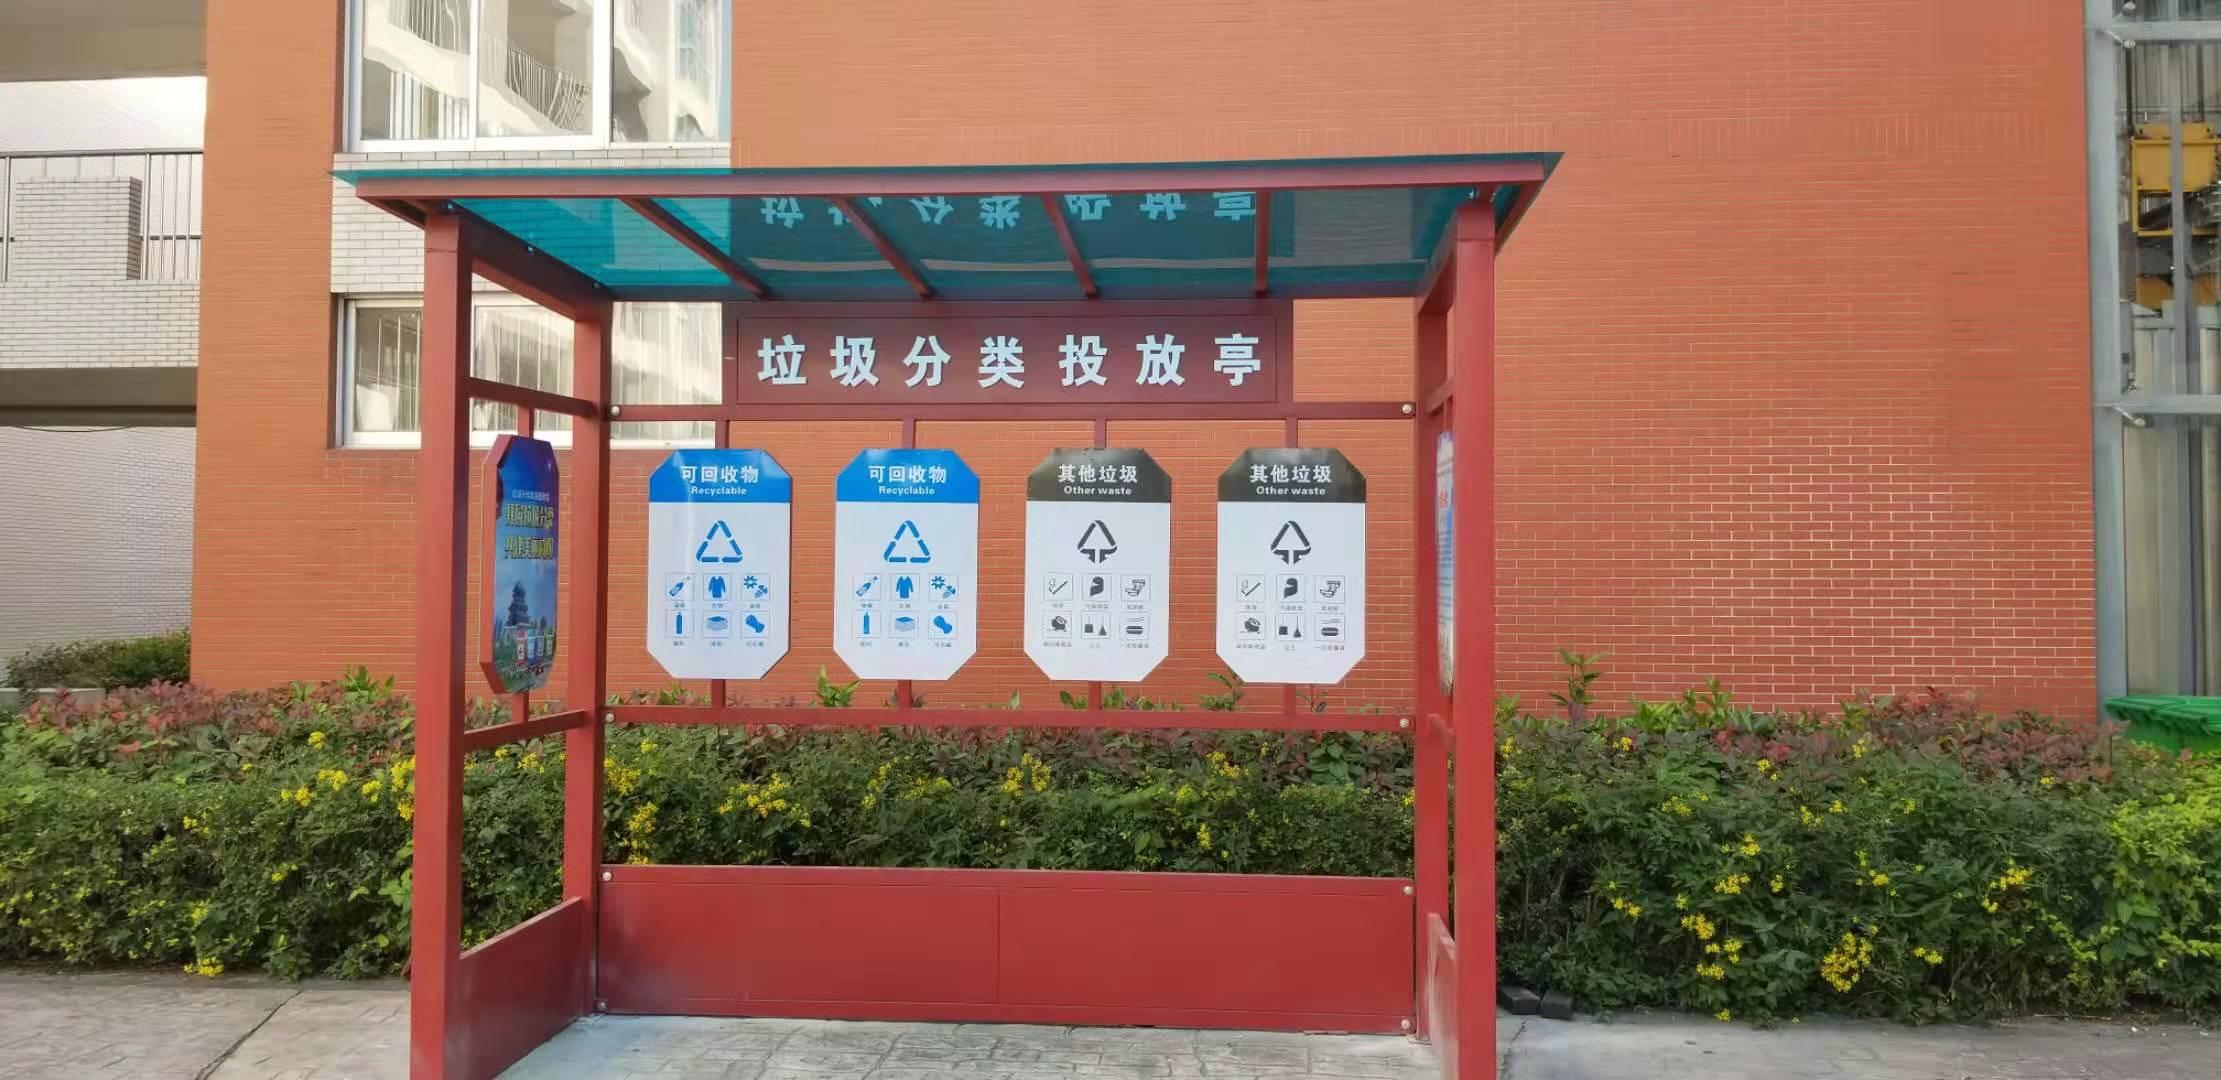 咸阳实验中学垃圾分类亭安装完成并投入使用